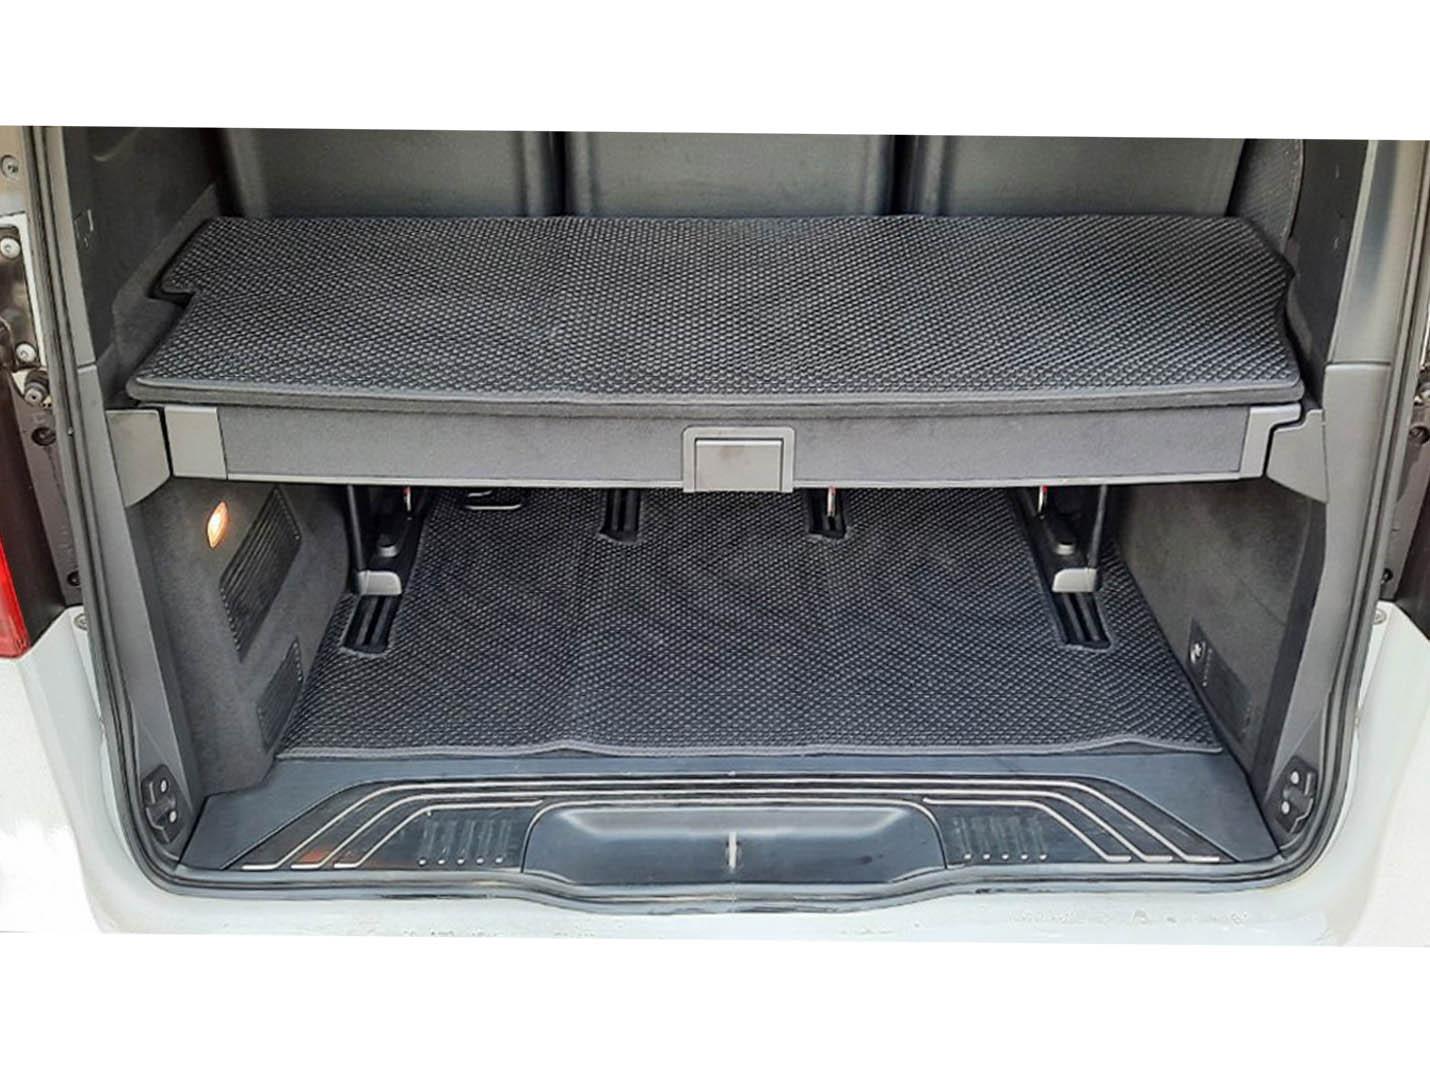 Thảm lót sàn BackLiners Mercedes V Class 2021